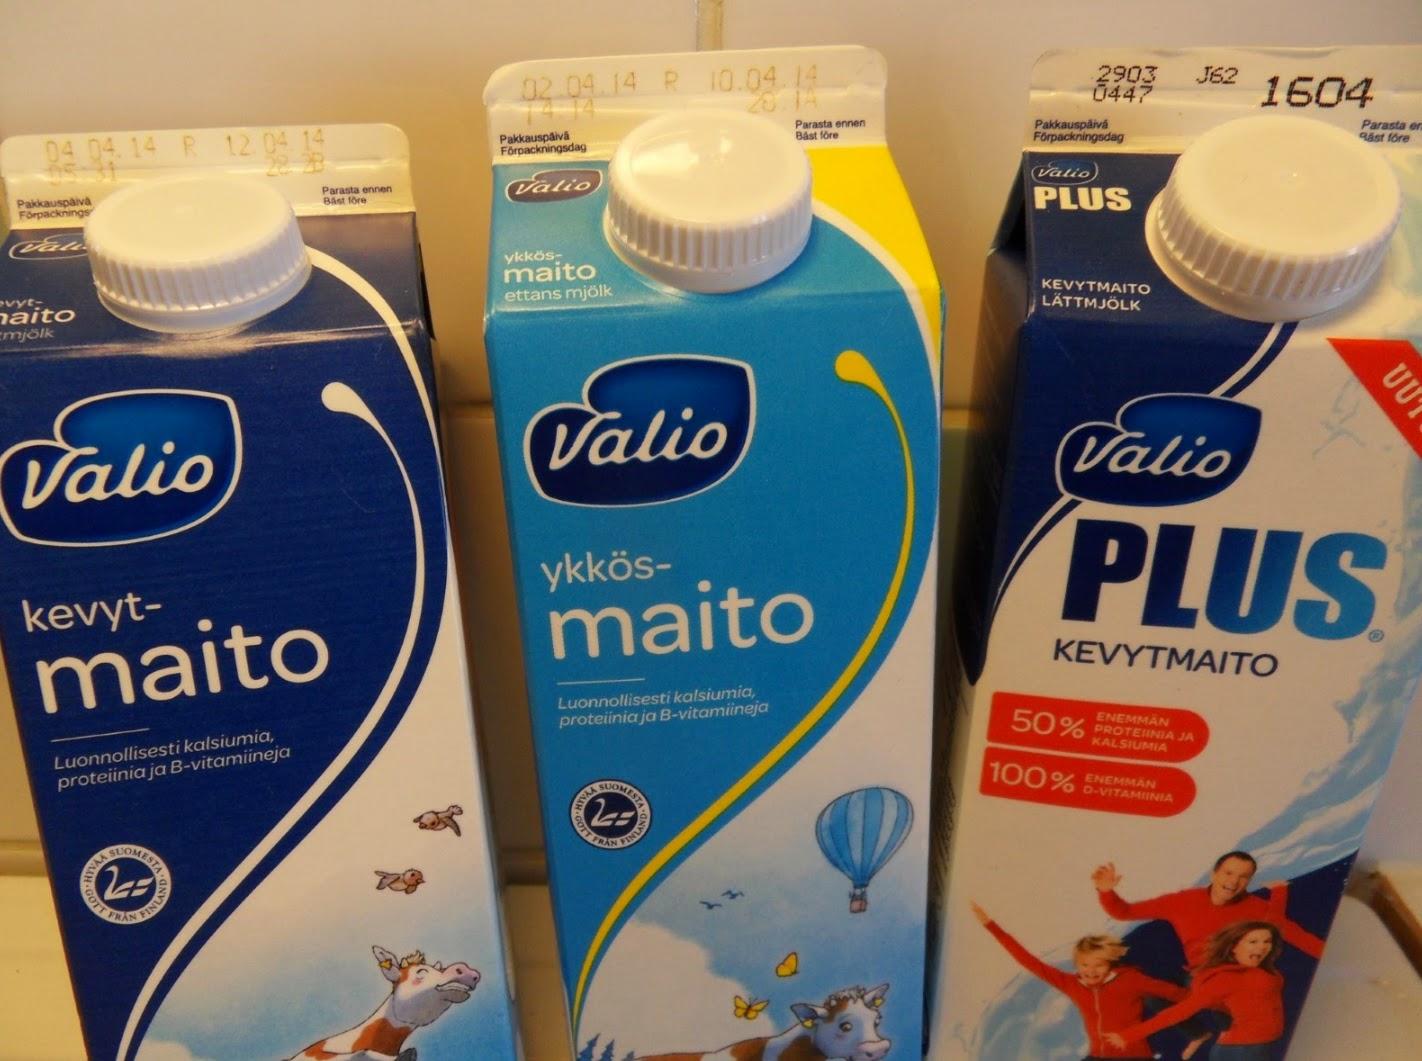 Jos kaikki Suomen maito ostetaan muovikorkillisissa tölkeissä, korkkien kasvihuonekaasupäästöt vastaavat vuosittain 27 miljoonan kilometrin autoilua